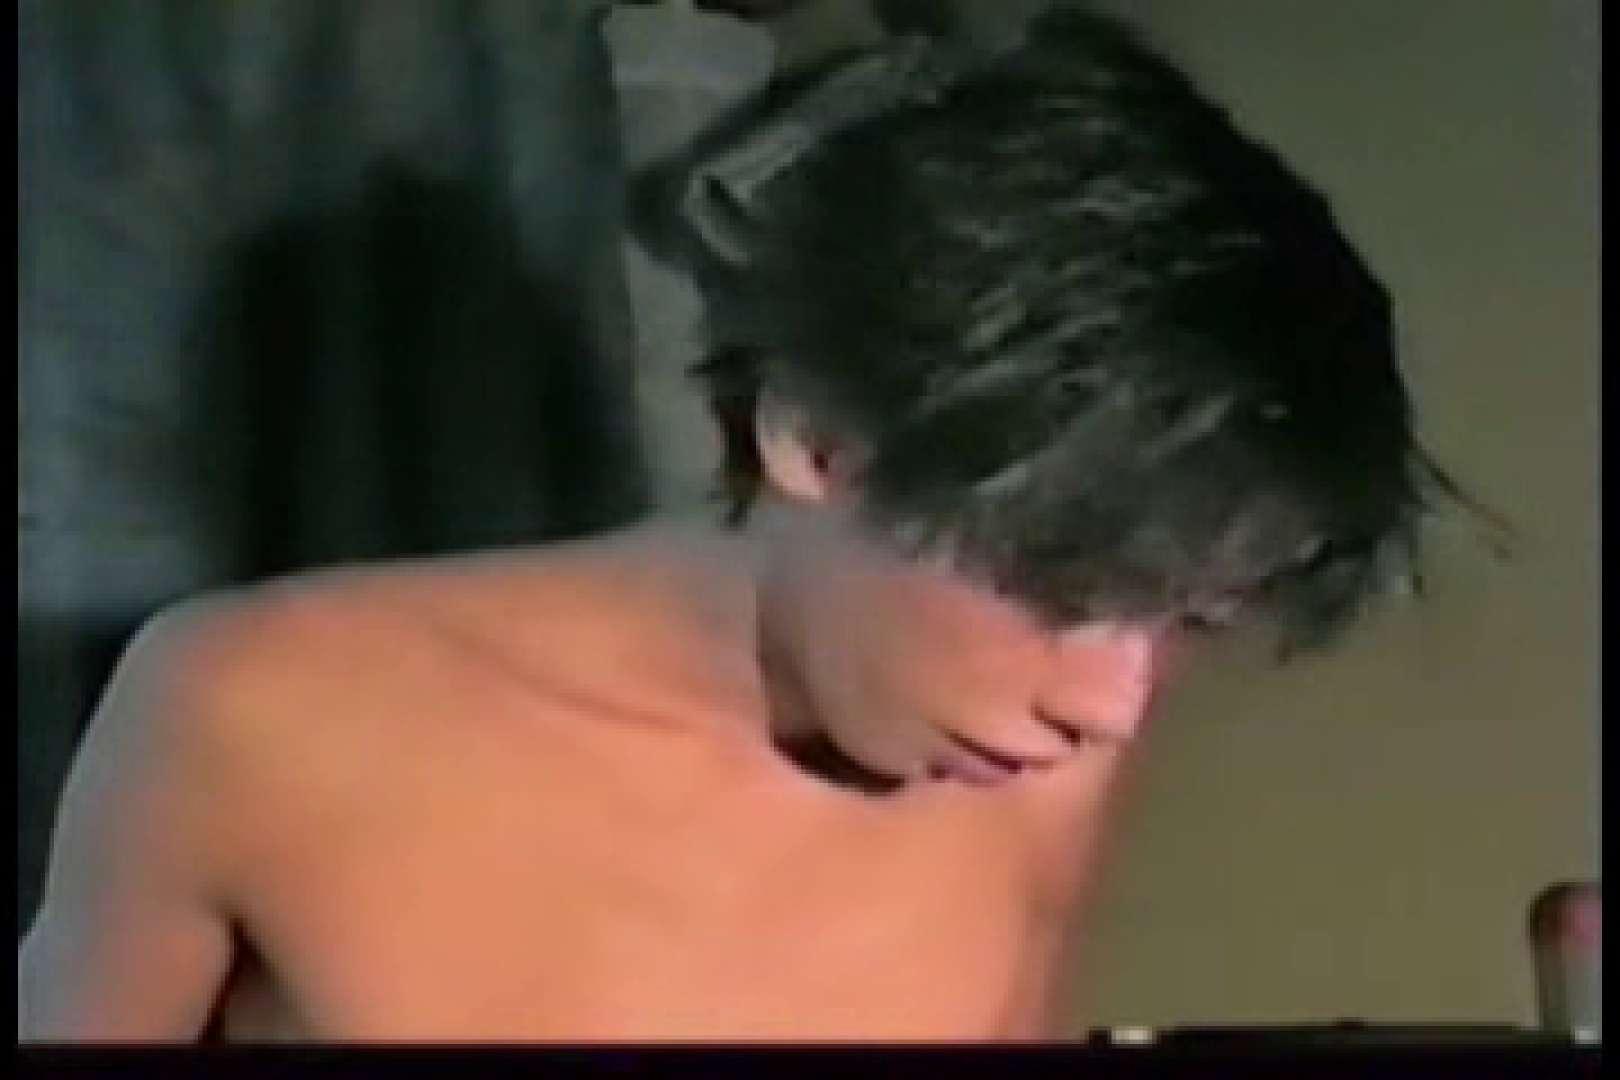 【個人製作】若き男子たちのジャム遊び お風呂 ゲイフリーエロ画像 65pic 22